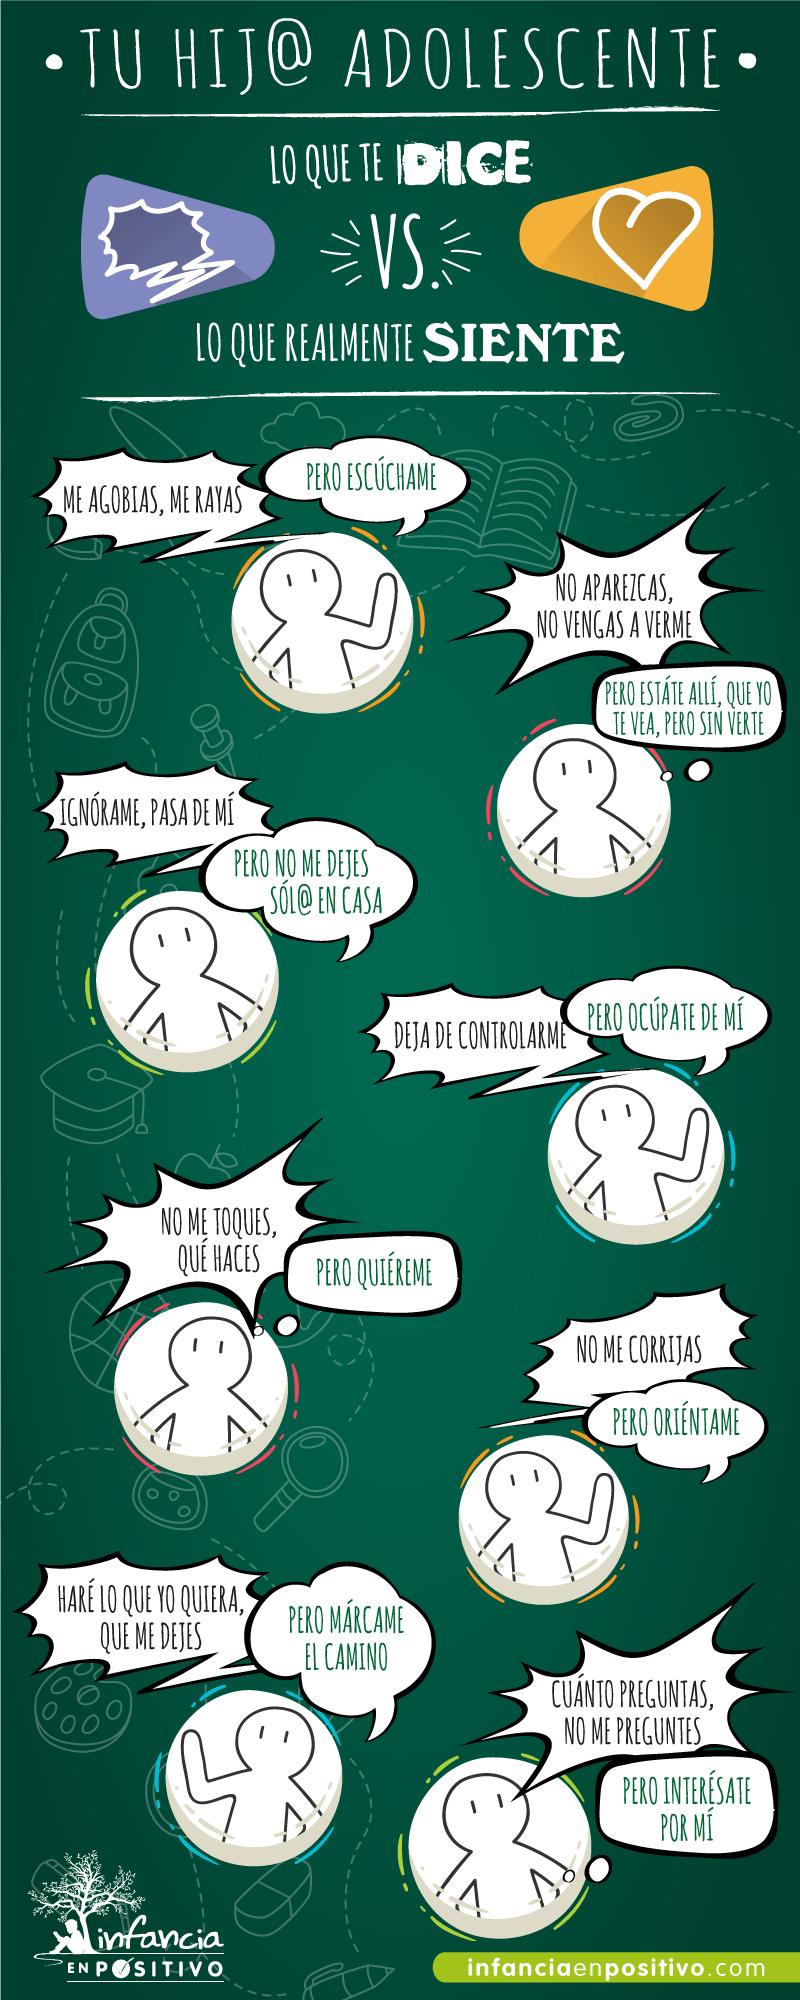 Adolescentes. Lo que dicen Vs. lo que sienten